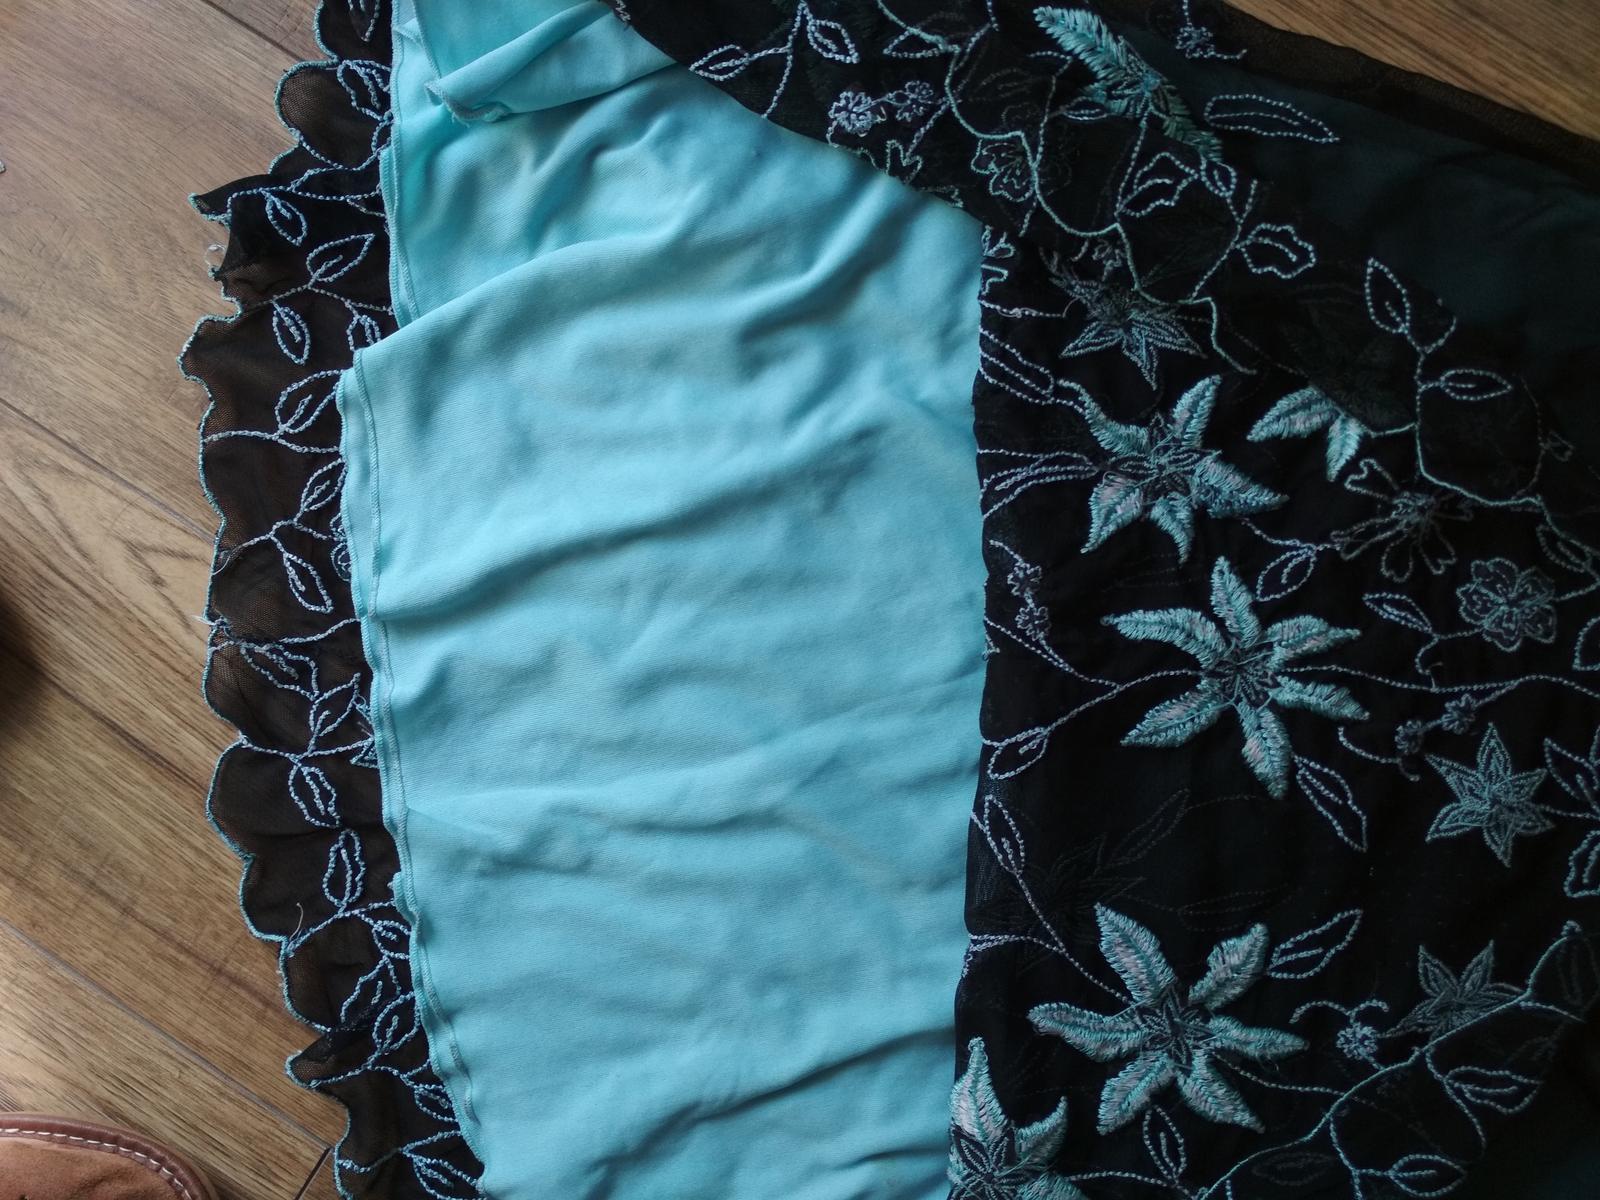 Šaty veľkosť 34 - Obrázok č. 2